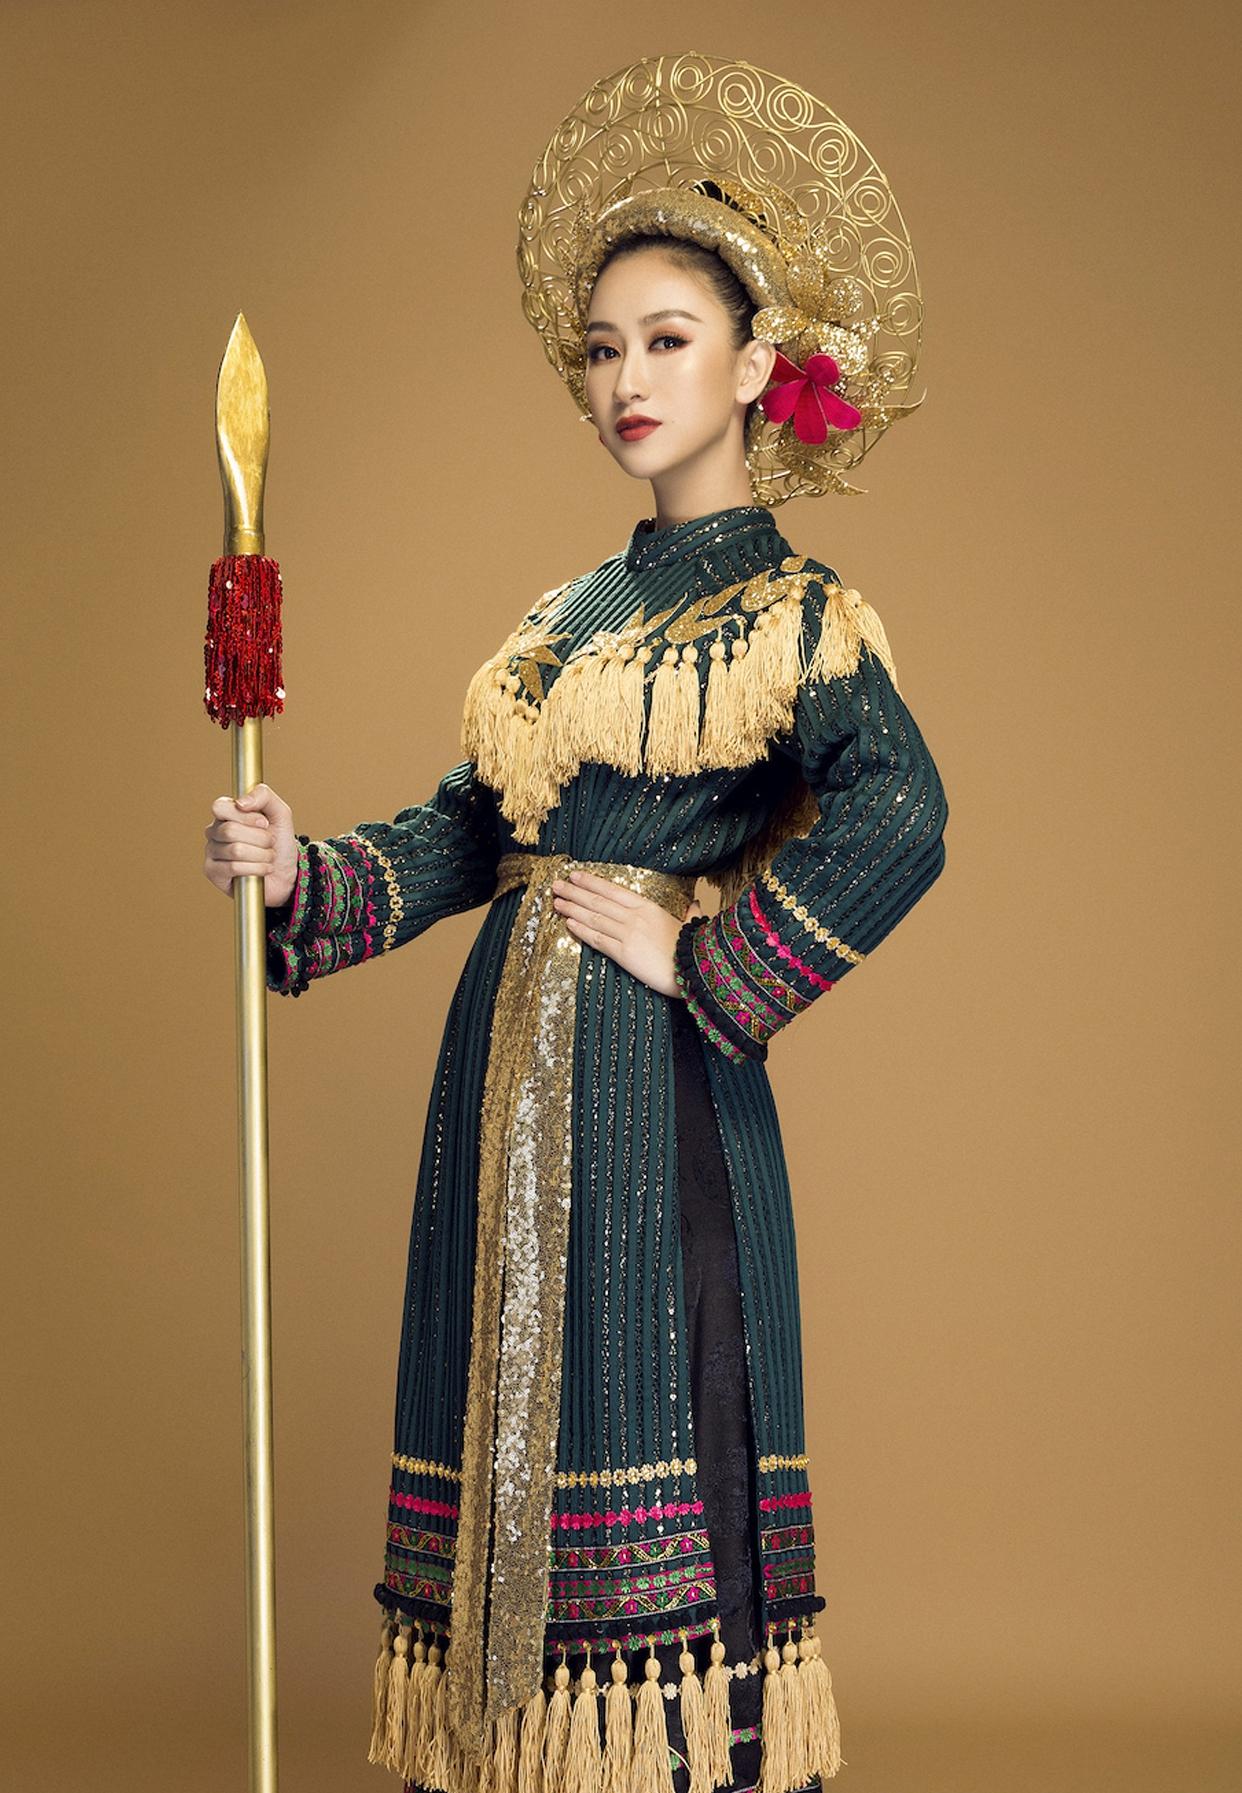 Phần váy sử dụng gấm - một chất liệu truyền thống của Việt Nam kết hợp cùng những hoa văn của dân tộc tạo nên một tổng thể bao hàm trọn vẹn cả một Việt Nam.